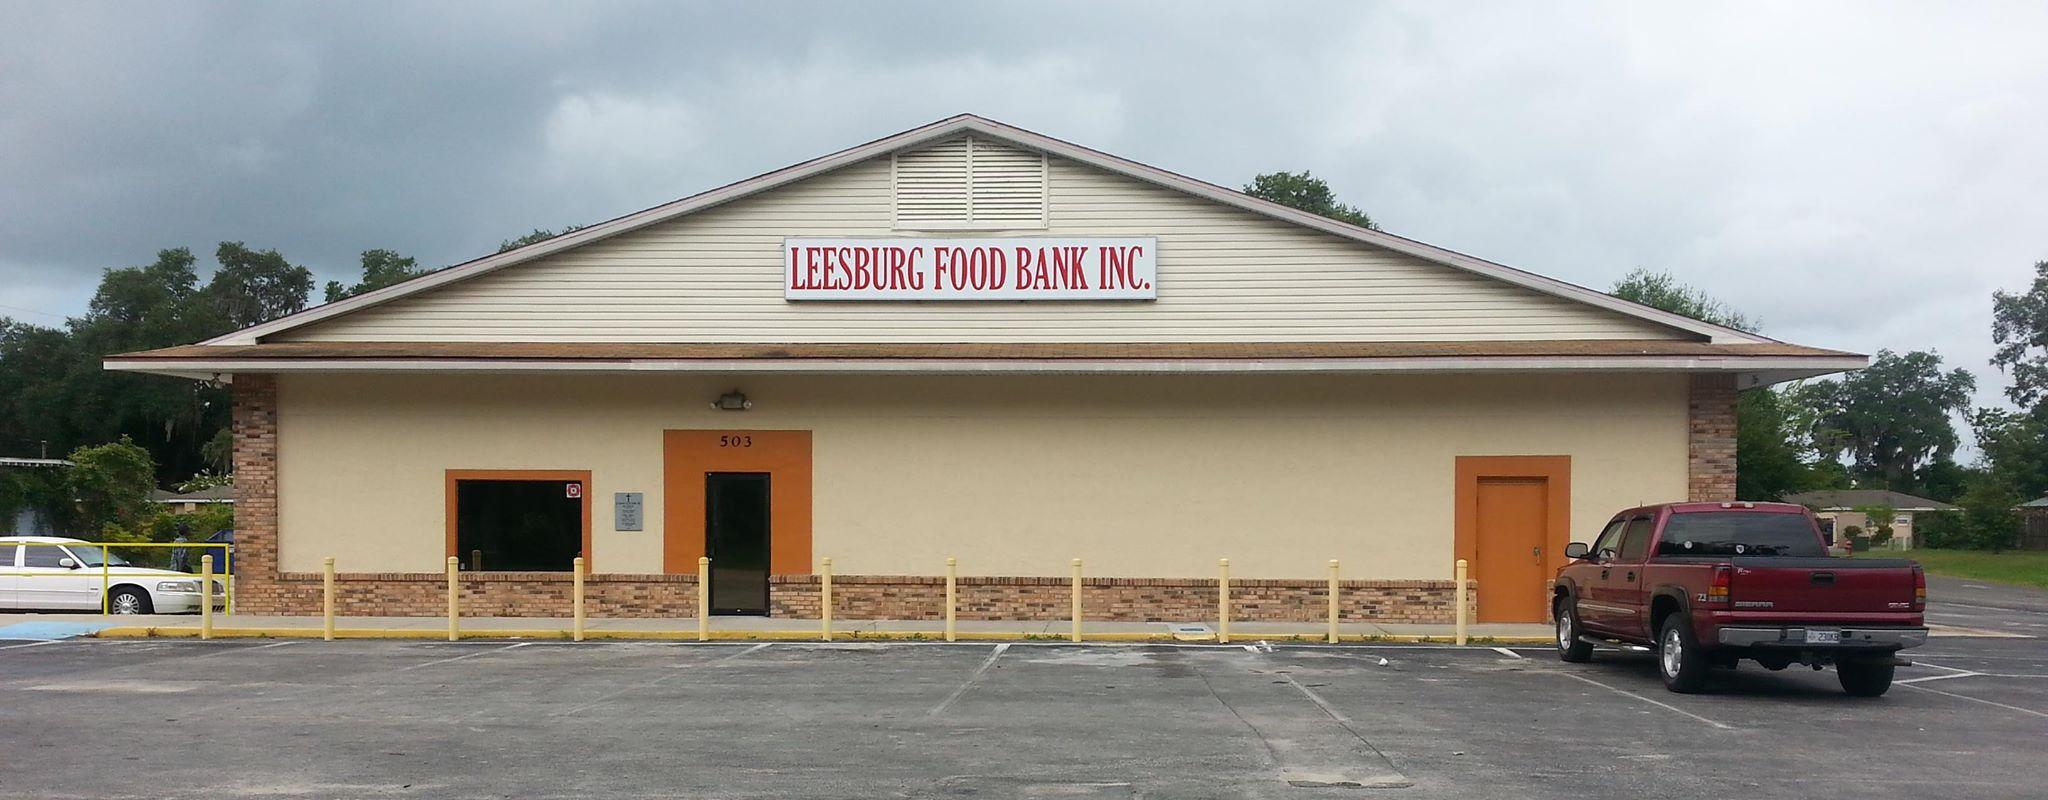 Food Bank Leesburg Fl